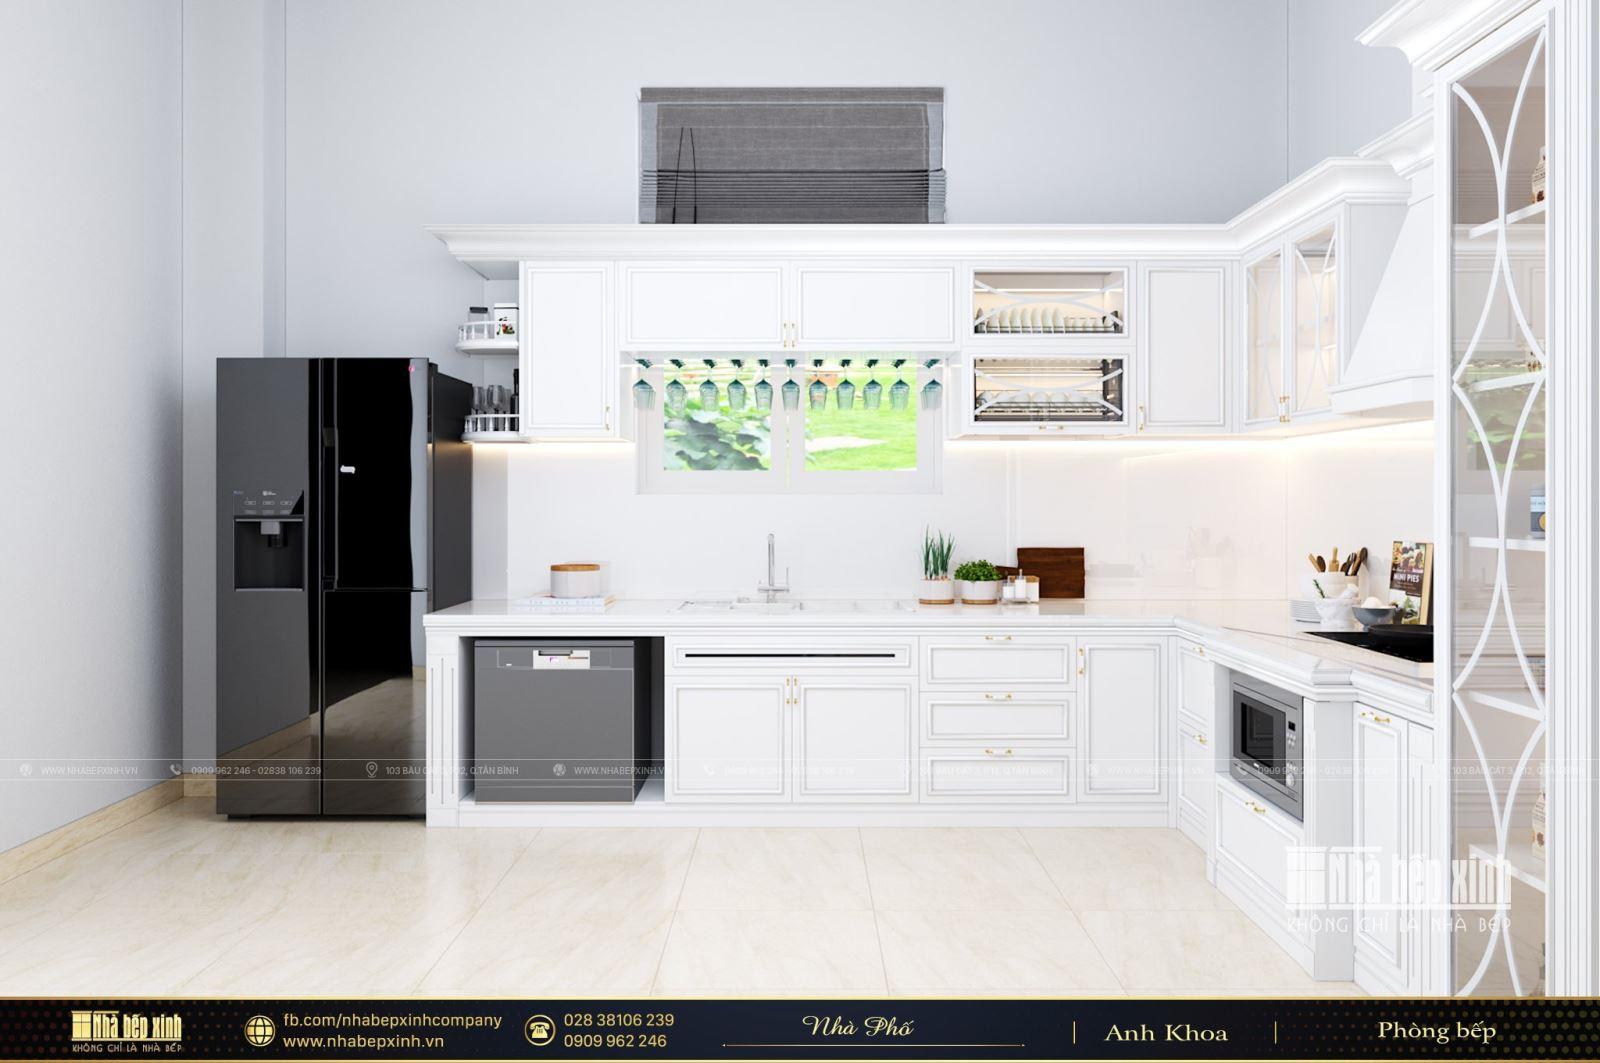 Thiết kế tủ bếp tân cổ điển màu trắng sang trọng